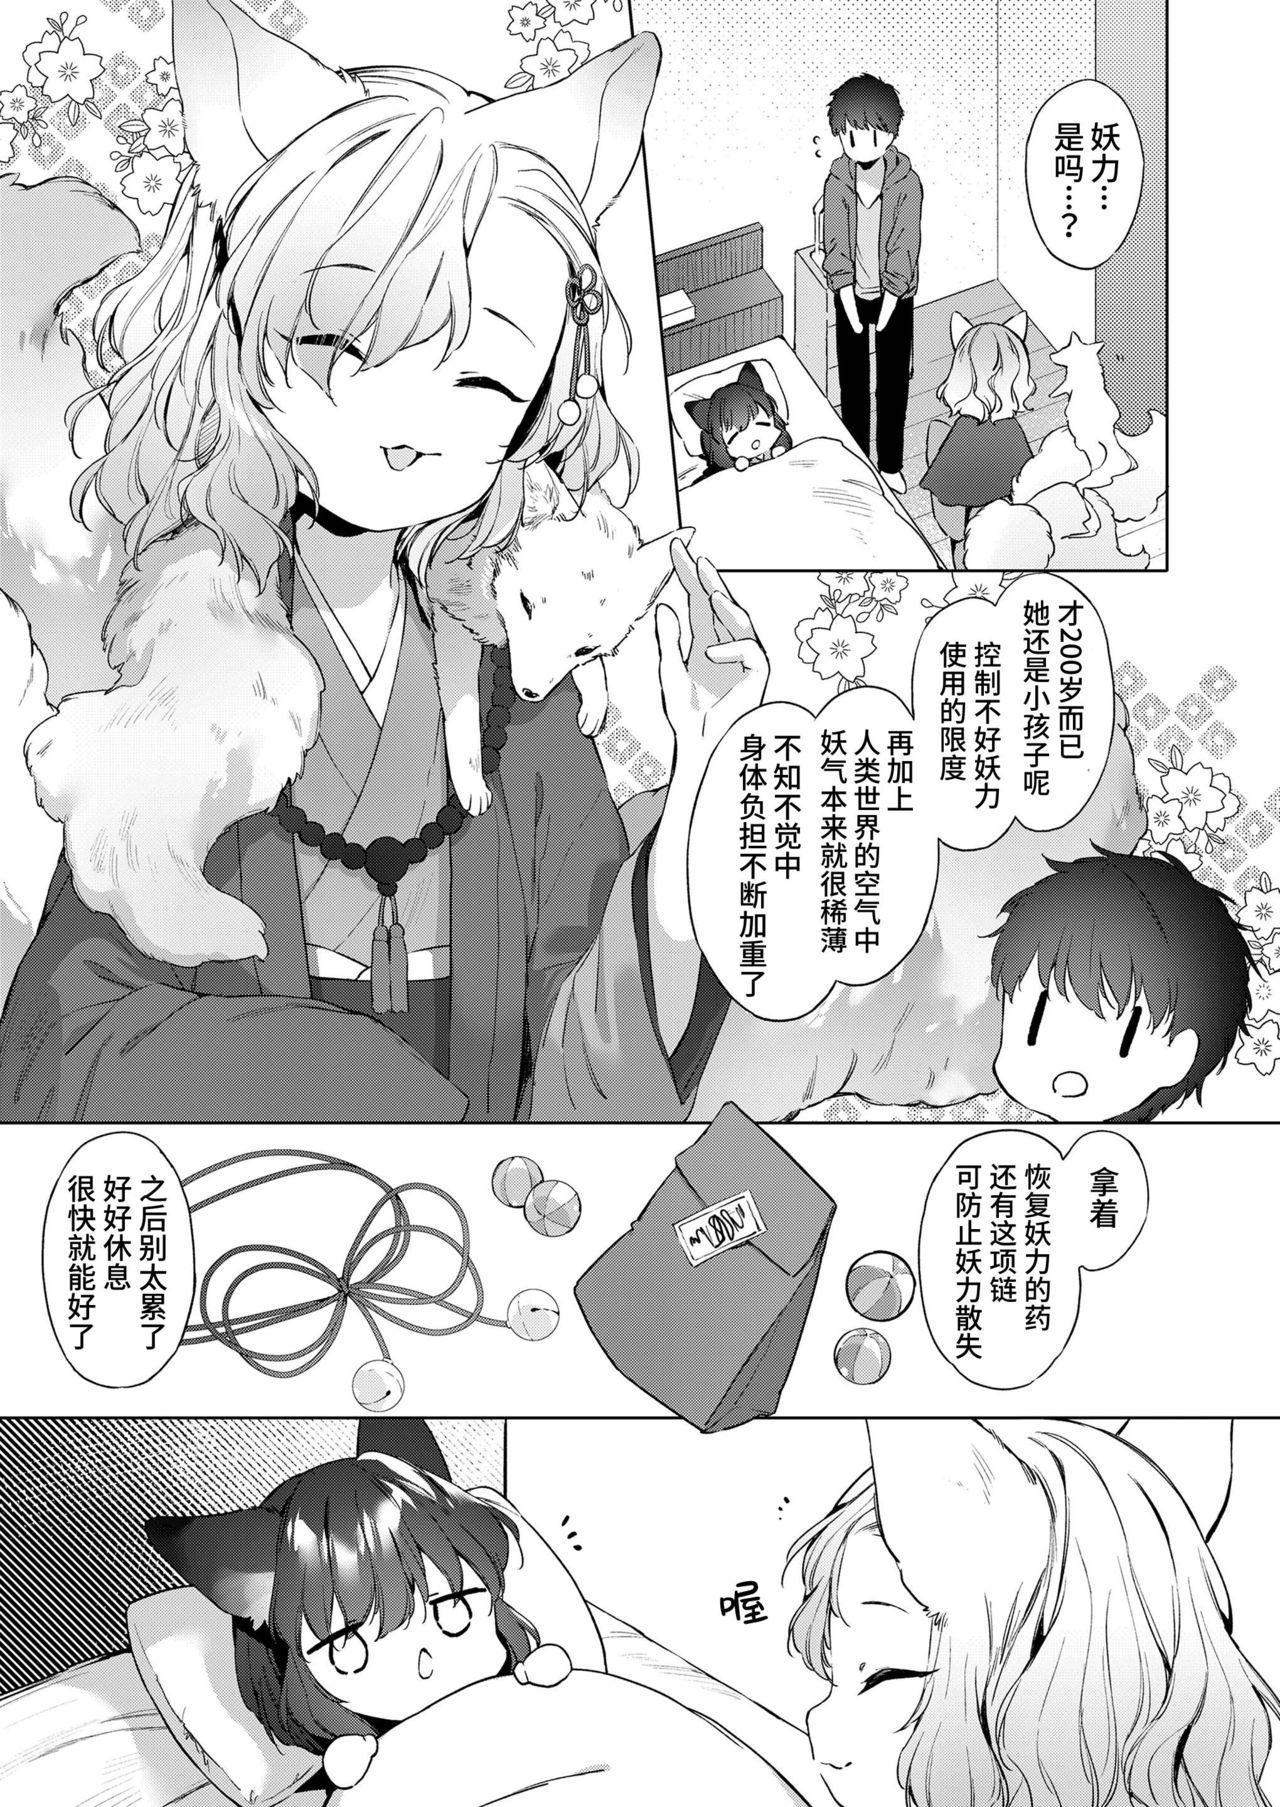 Yowai 200 Chai Okitsune-chan to Oshidori Fuufu Seikatsu. Ch. 2 | 和200岁小狐娘的鸳鸯夫妻生活 第二话 4